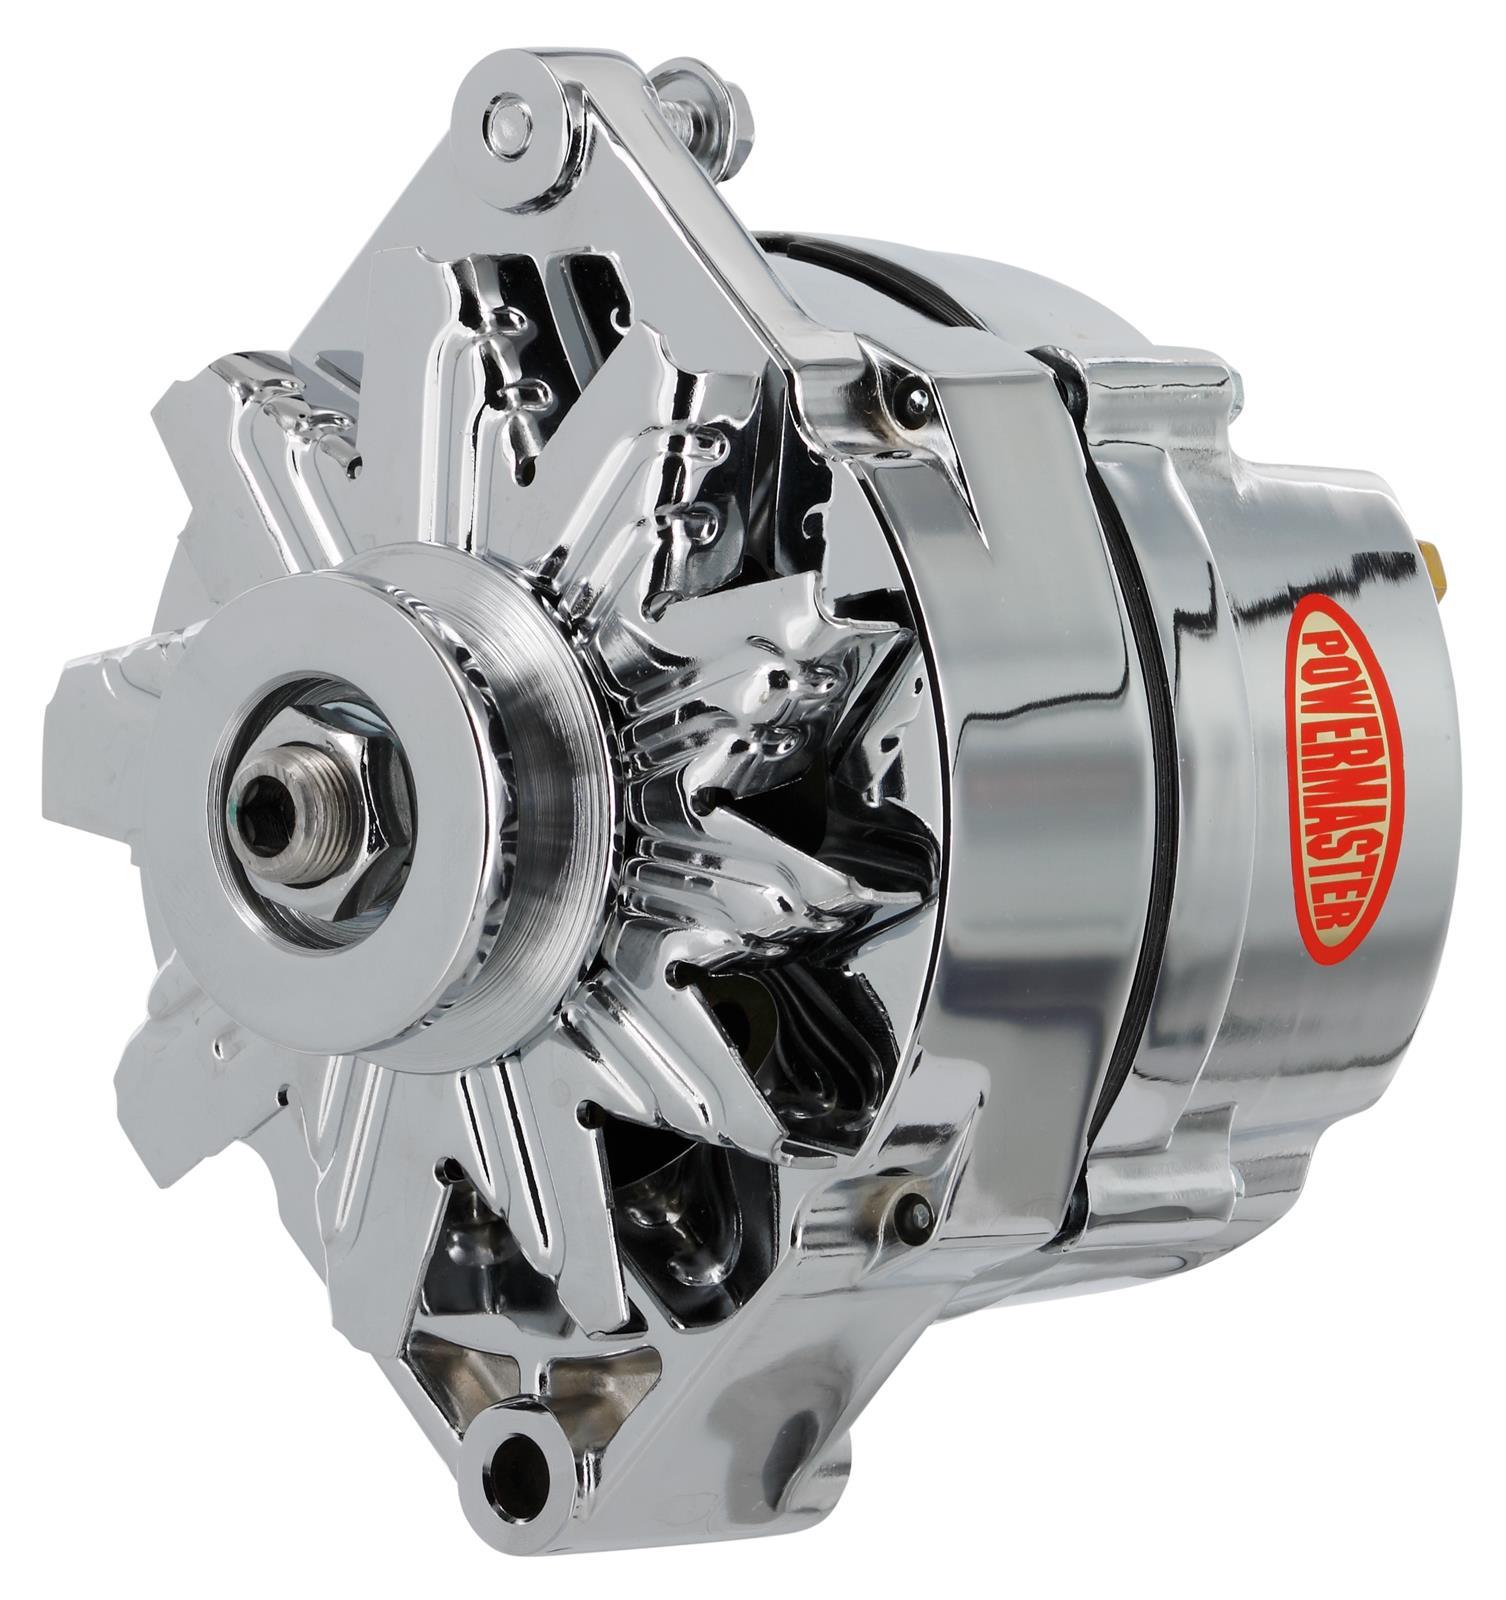 Powermaster Street Alternators 17102 Free Shipping On Orders Over Alternator Wiring Diagram 99 At Summit Racing